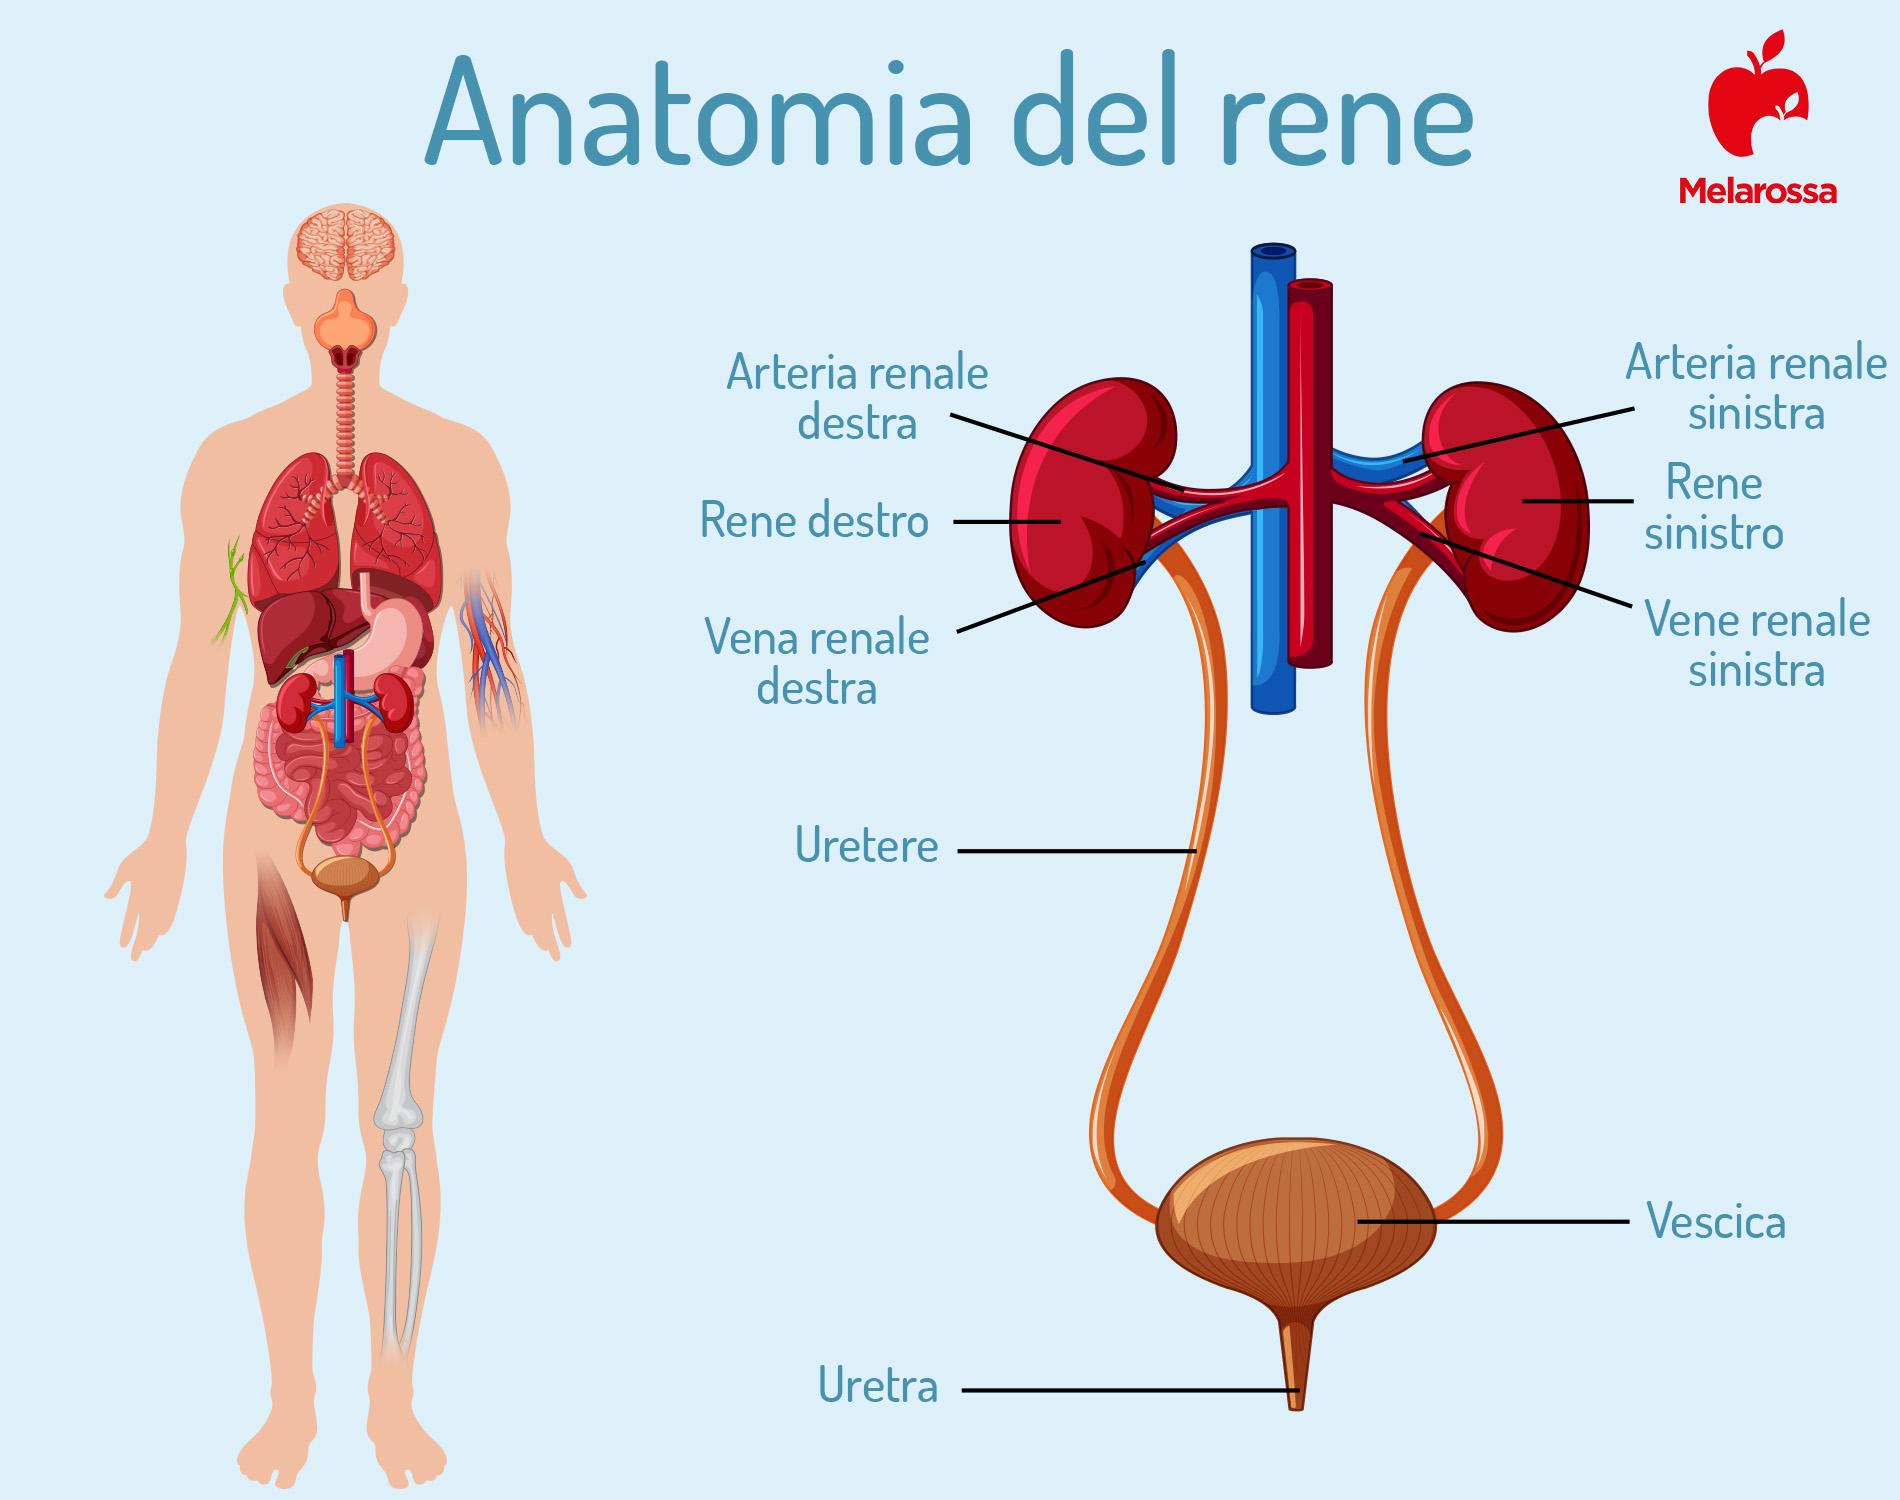 calcoli renali: anatomia del rene